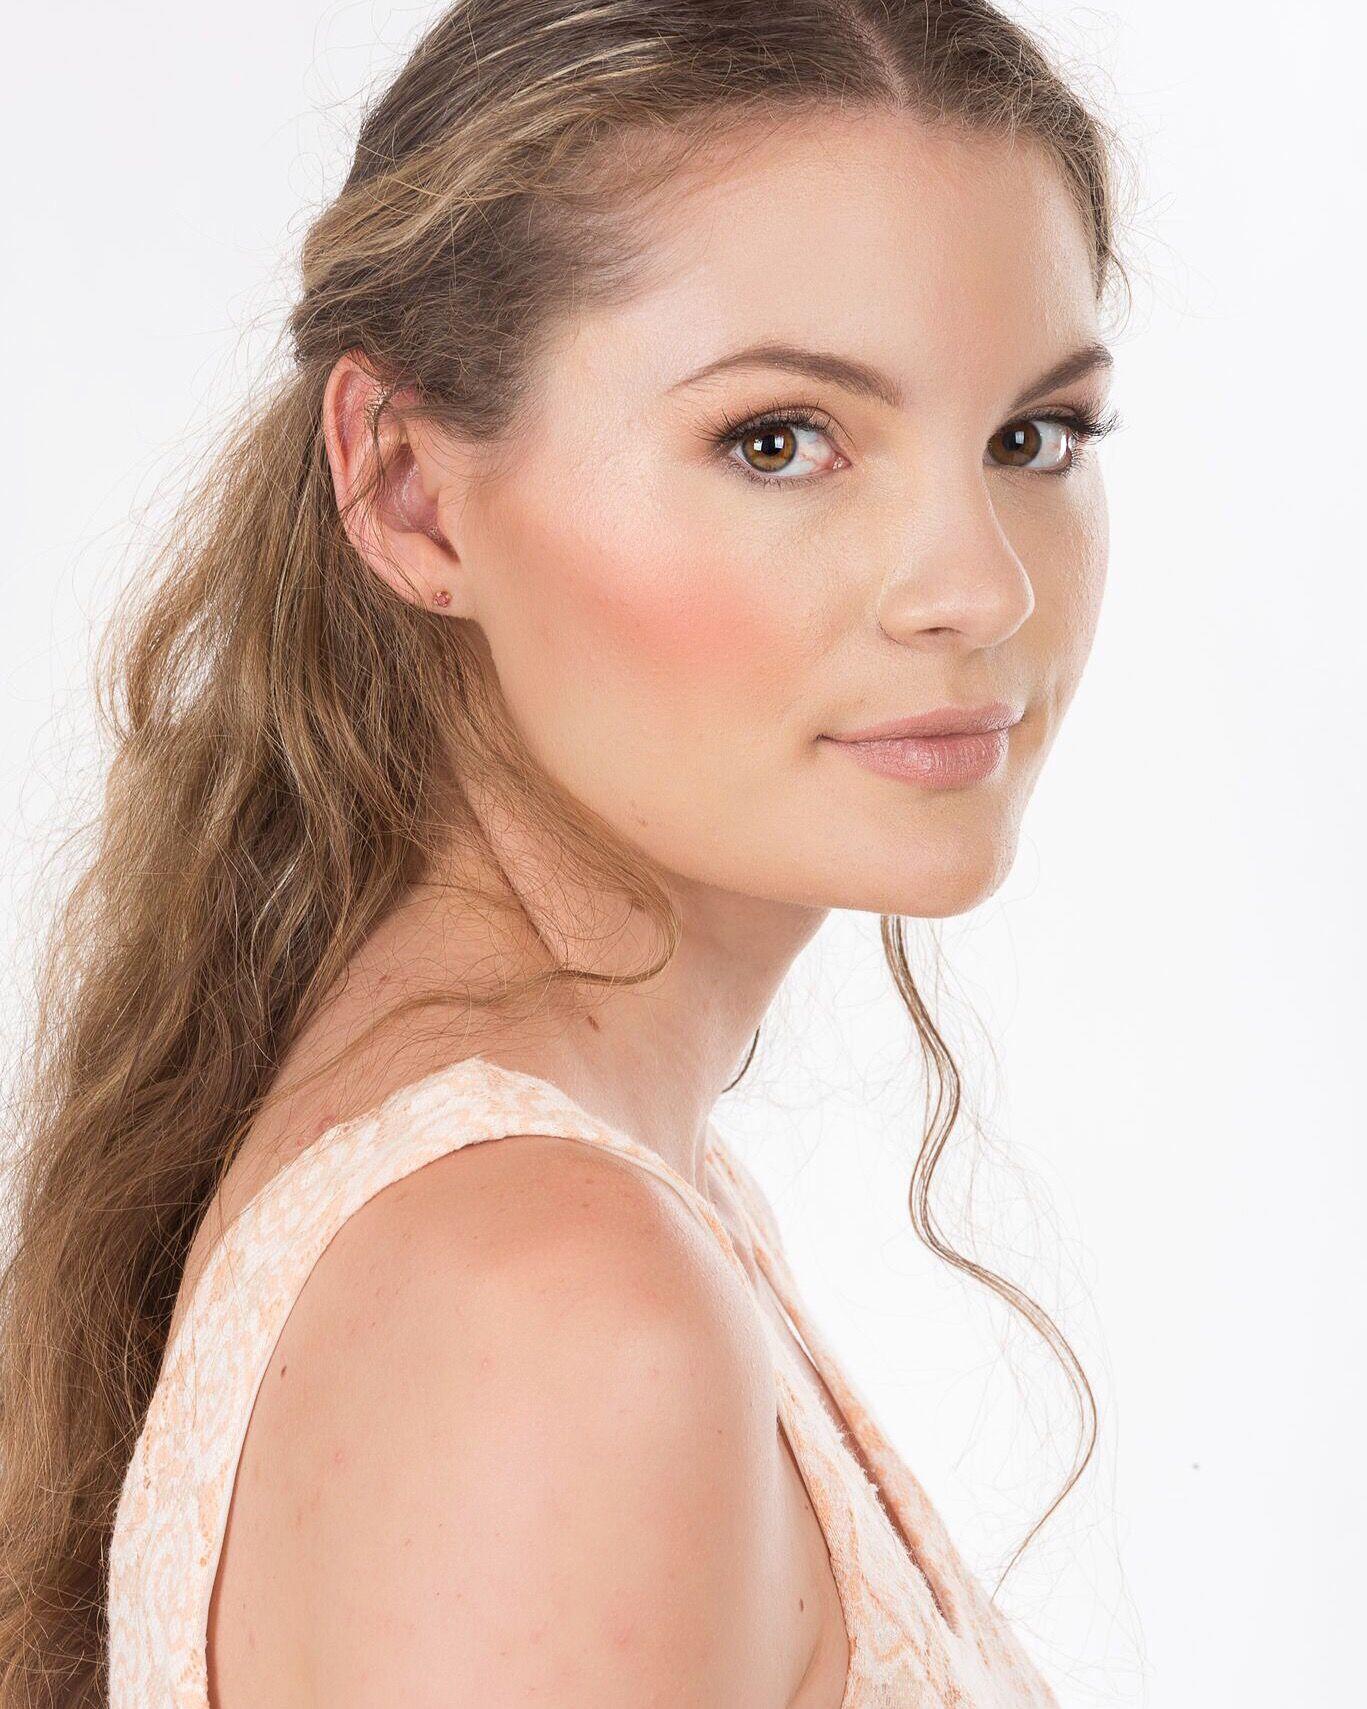 Natural Photoshoot Makeup. Makeup by EVE Makeup Artistry